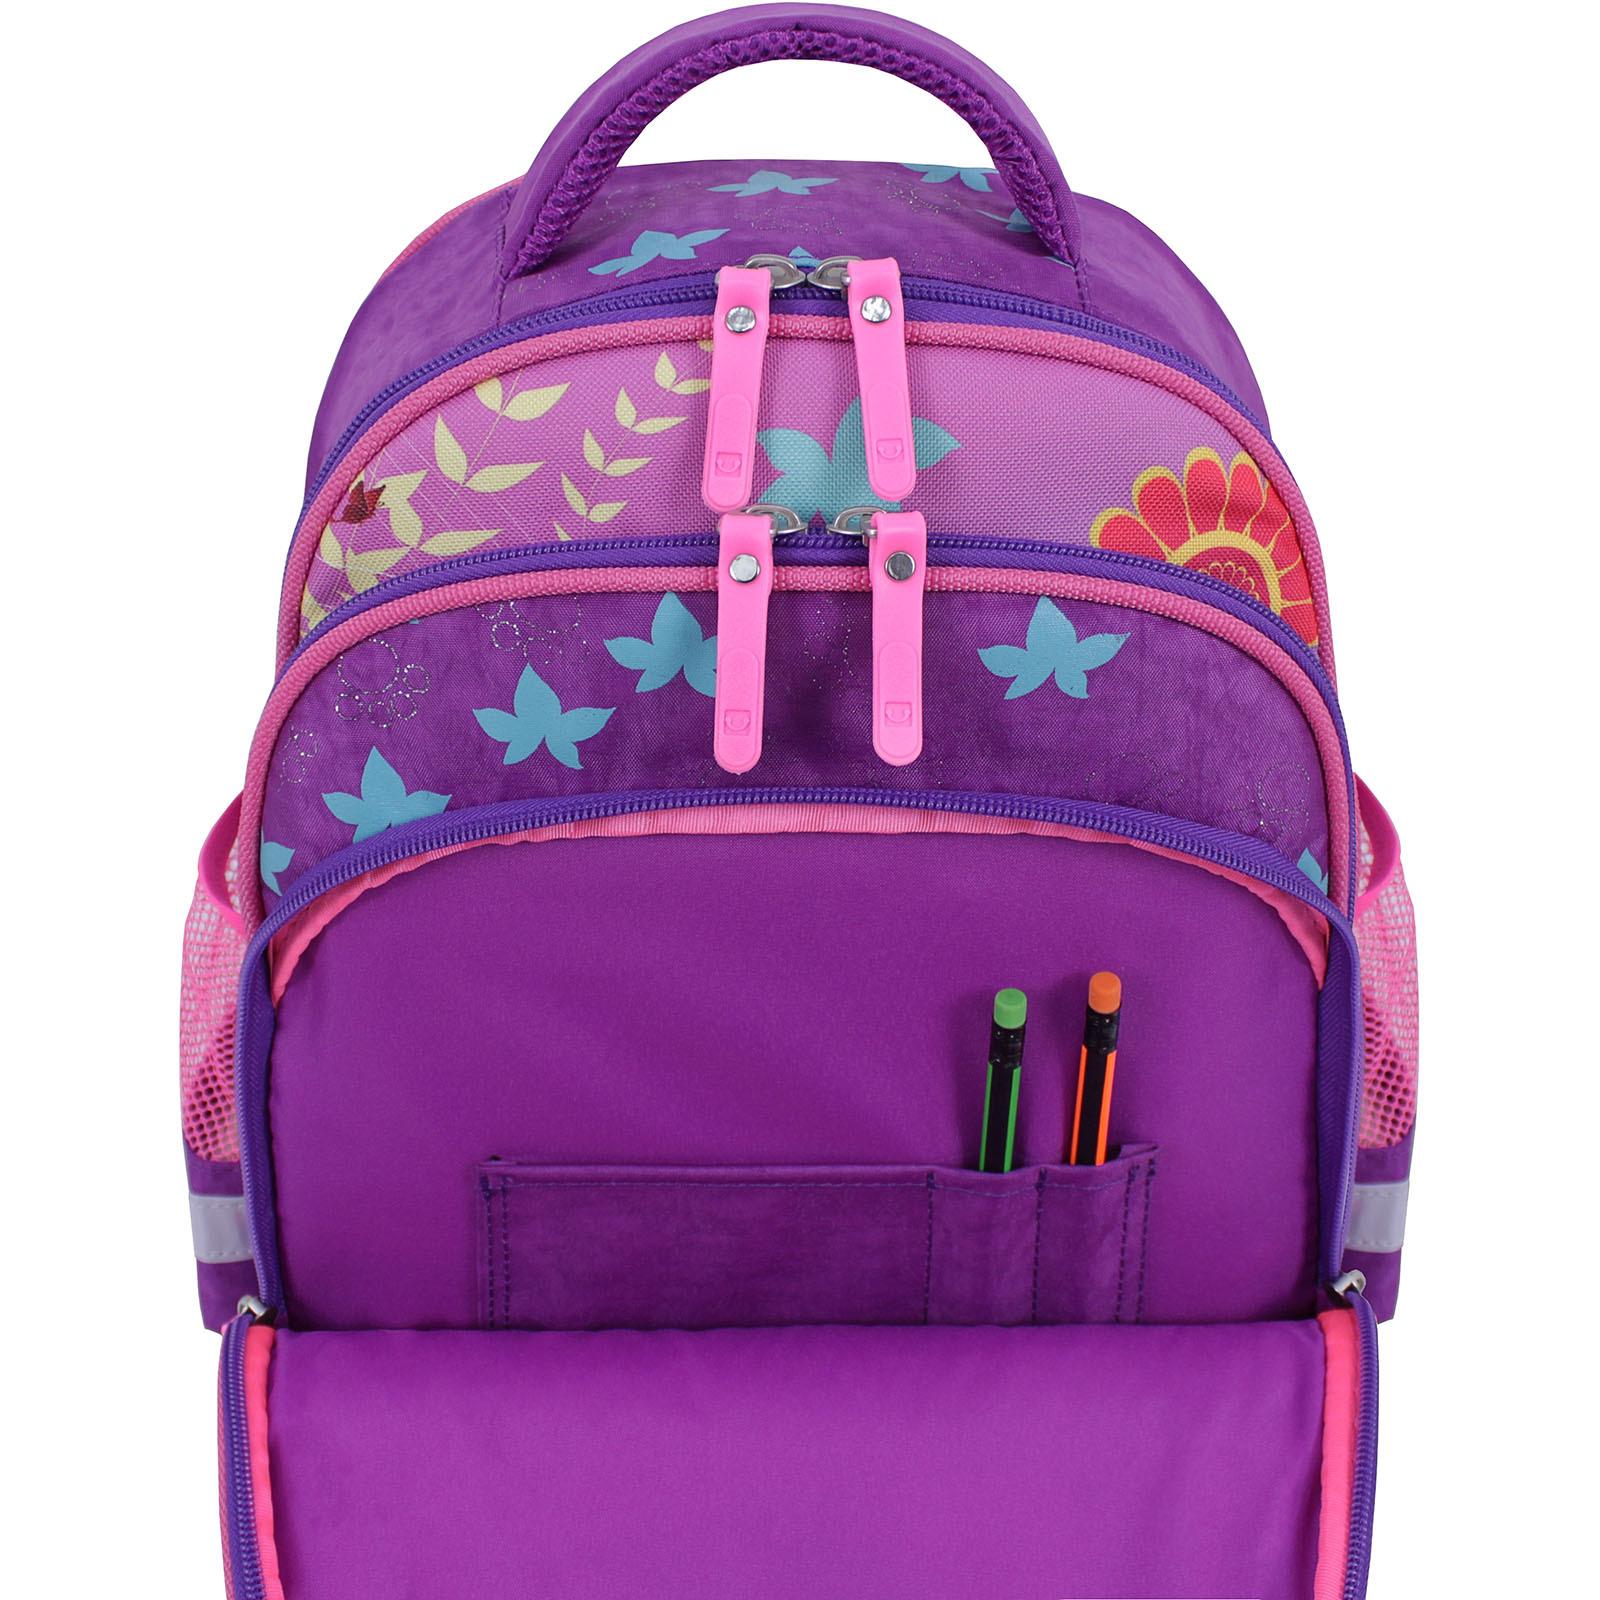 Рюкзак школьный Bagland Mouse 339 фиолетовый 502 (0051370) фото 5